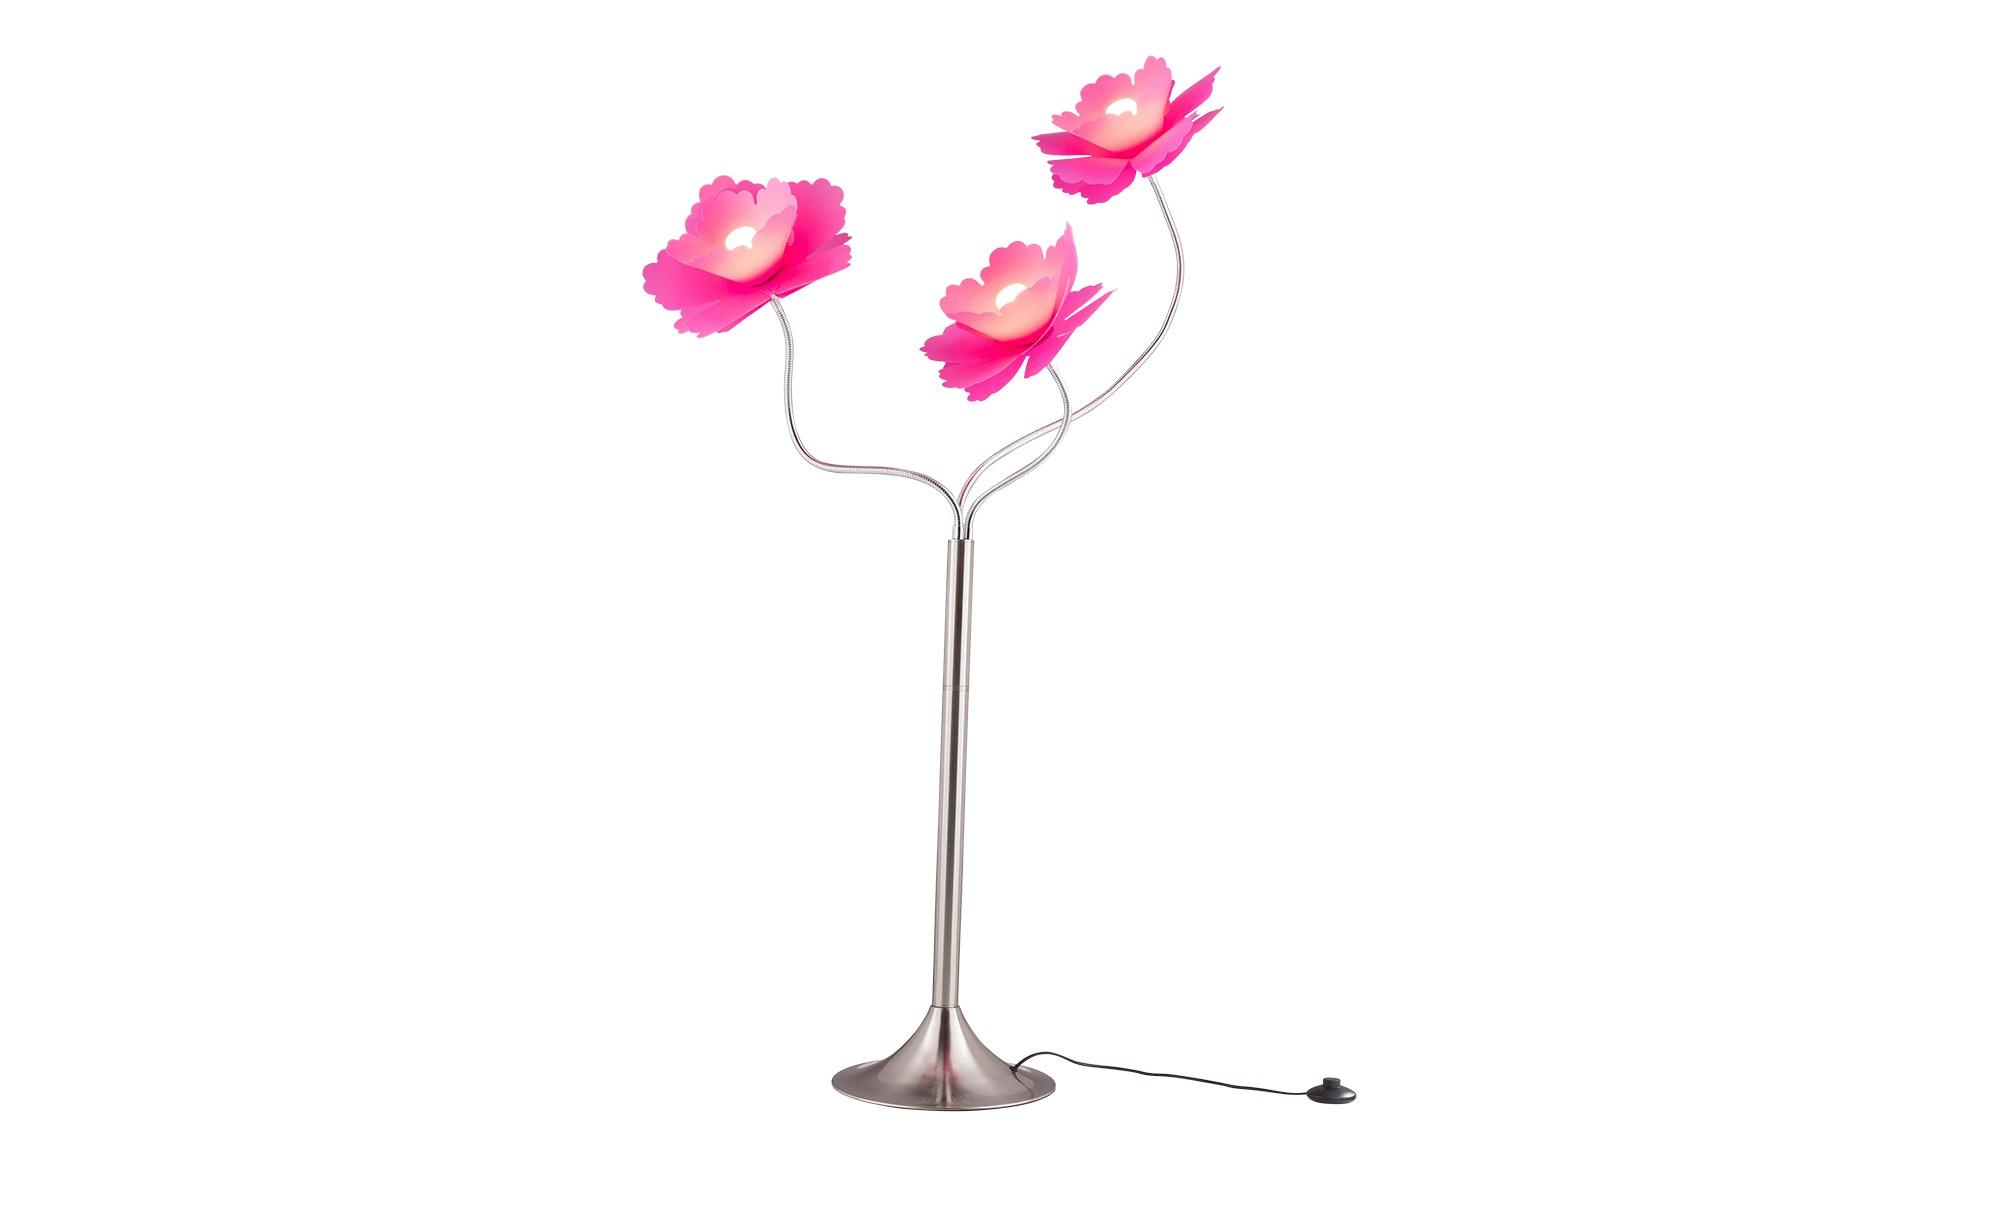 for friends Stehleuchte mit 3 violetten Blüten-Schirmen ¦ rosa/pink ¦ Maße (cm): H: 160 Ø: 30 Lampen & Leuchten > Innenleuchten > Stehlampen - Höffner